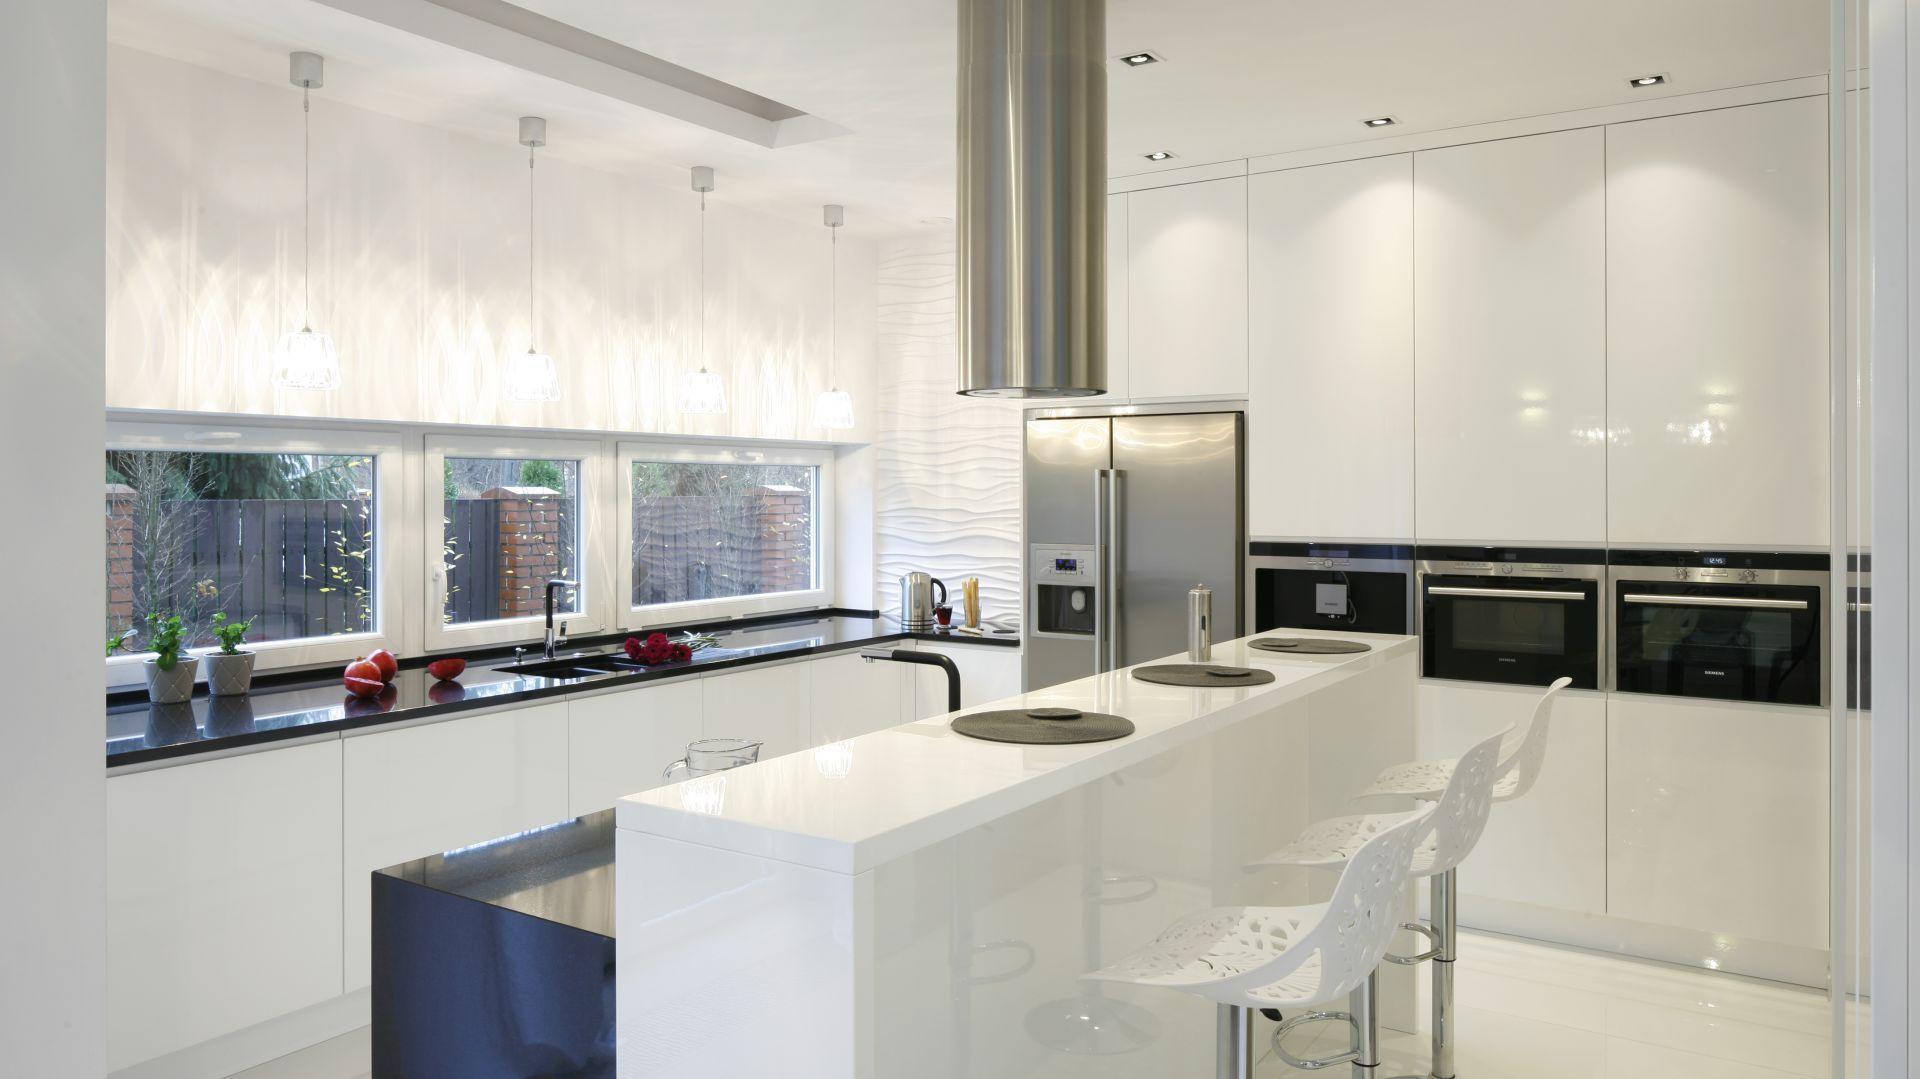 Pin On Biala Kuchnia White Kitchen